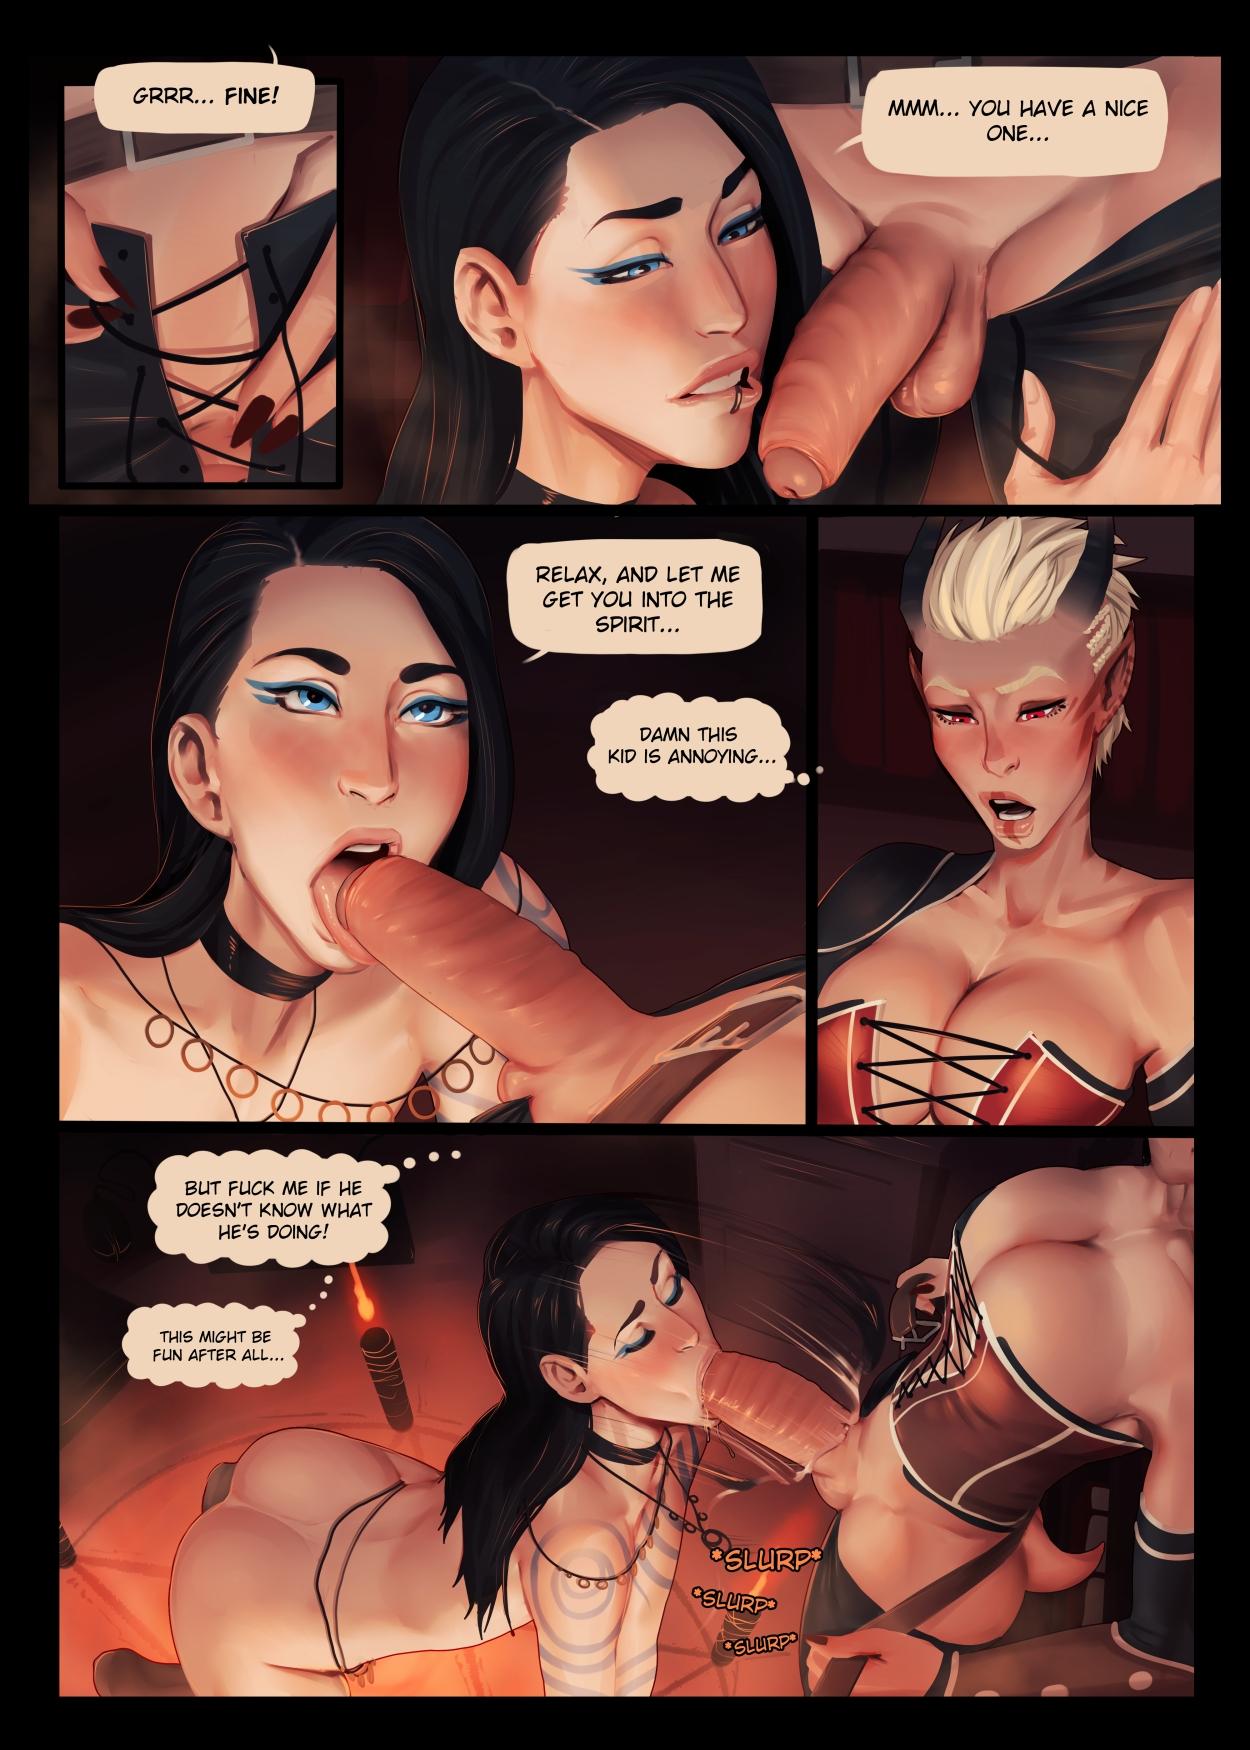 Anime hero pornpics erotic photo